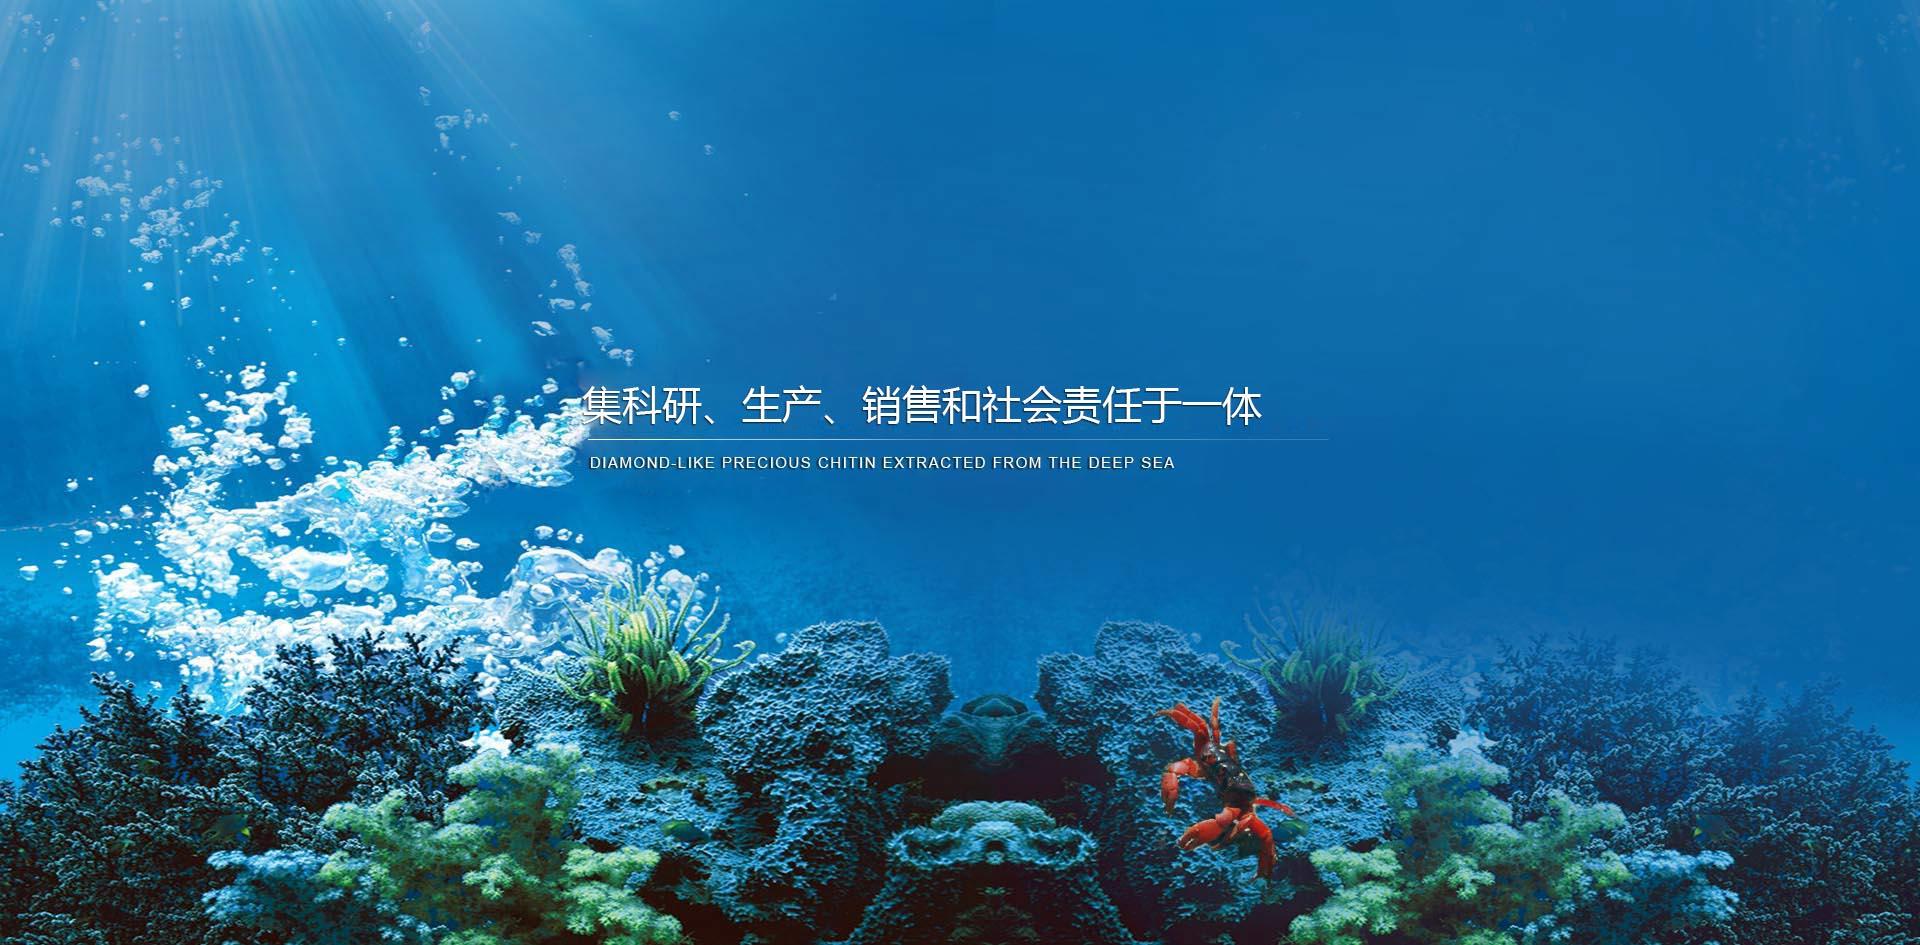 潍坊盈珂海洋生物材料有限公司